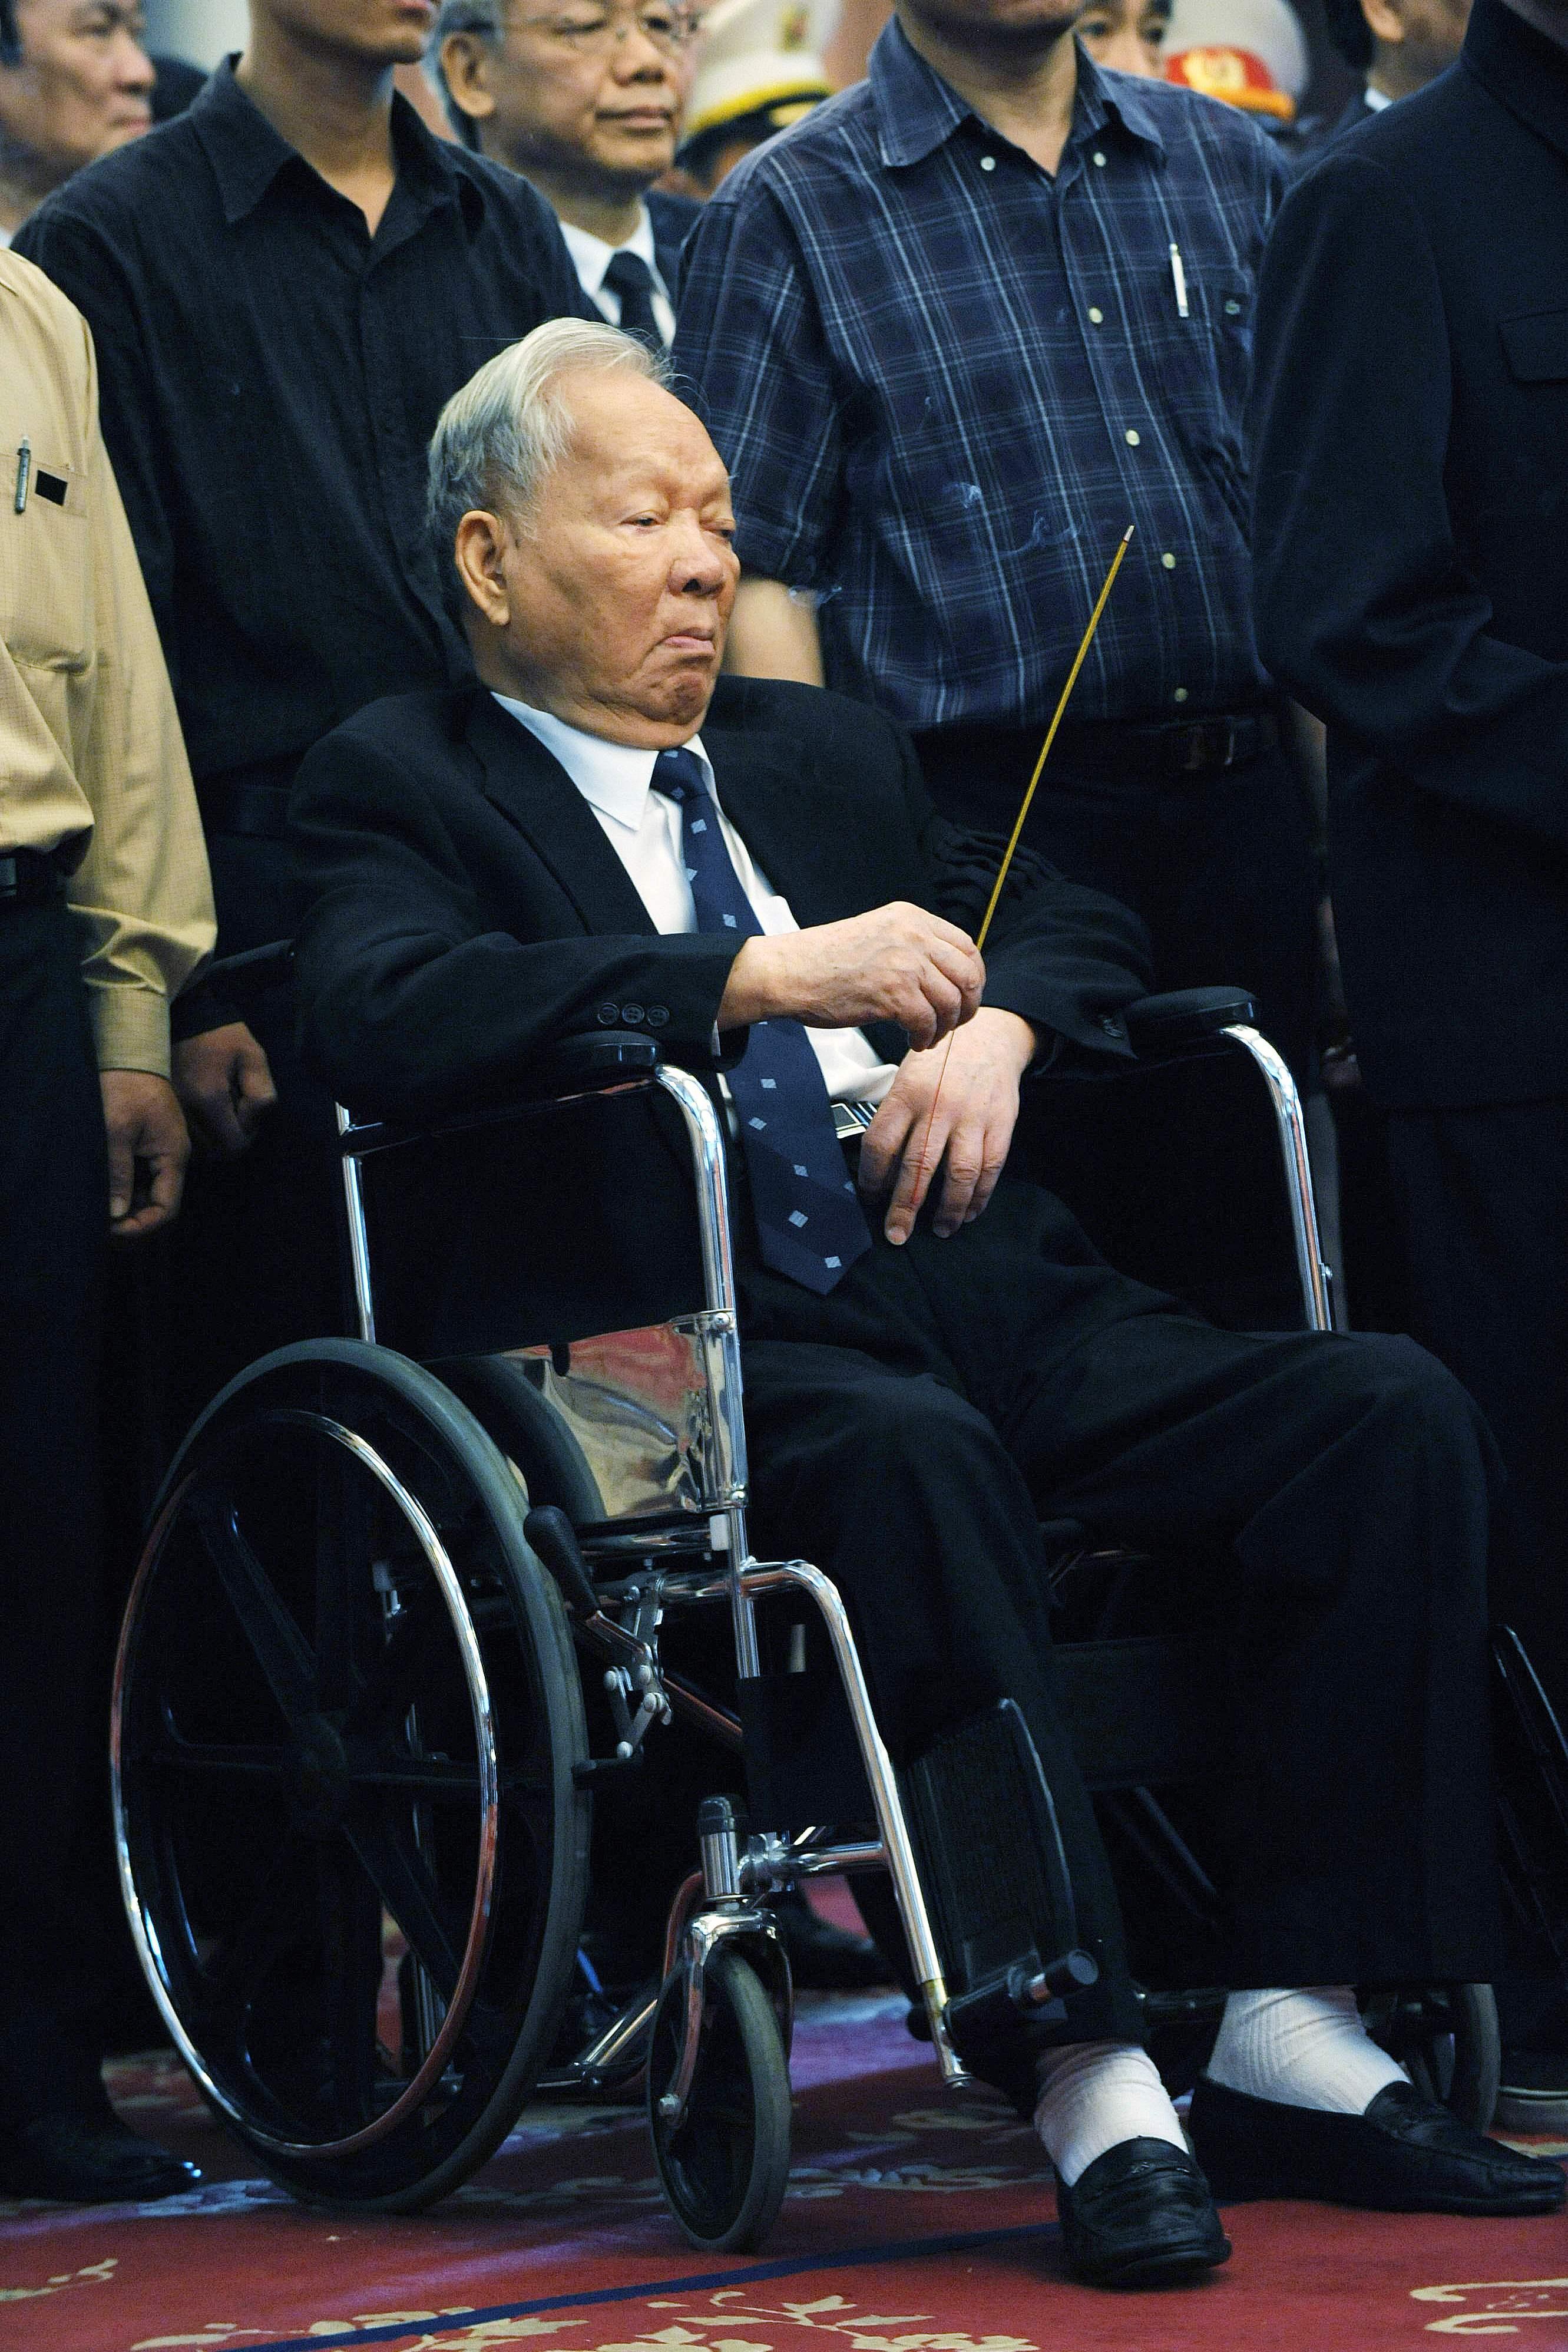 الجنرال الفيتنامي أثناء حضور جنازة أحد المسؤولين السابقين عام 2008 (أ.ف.ب)